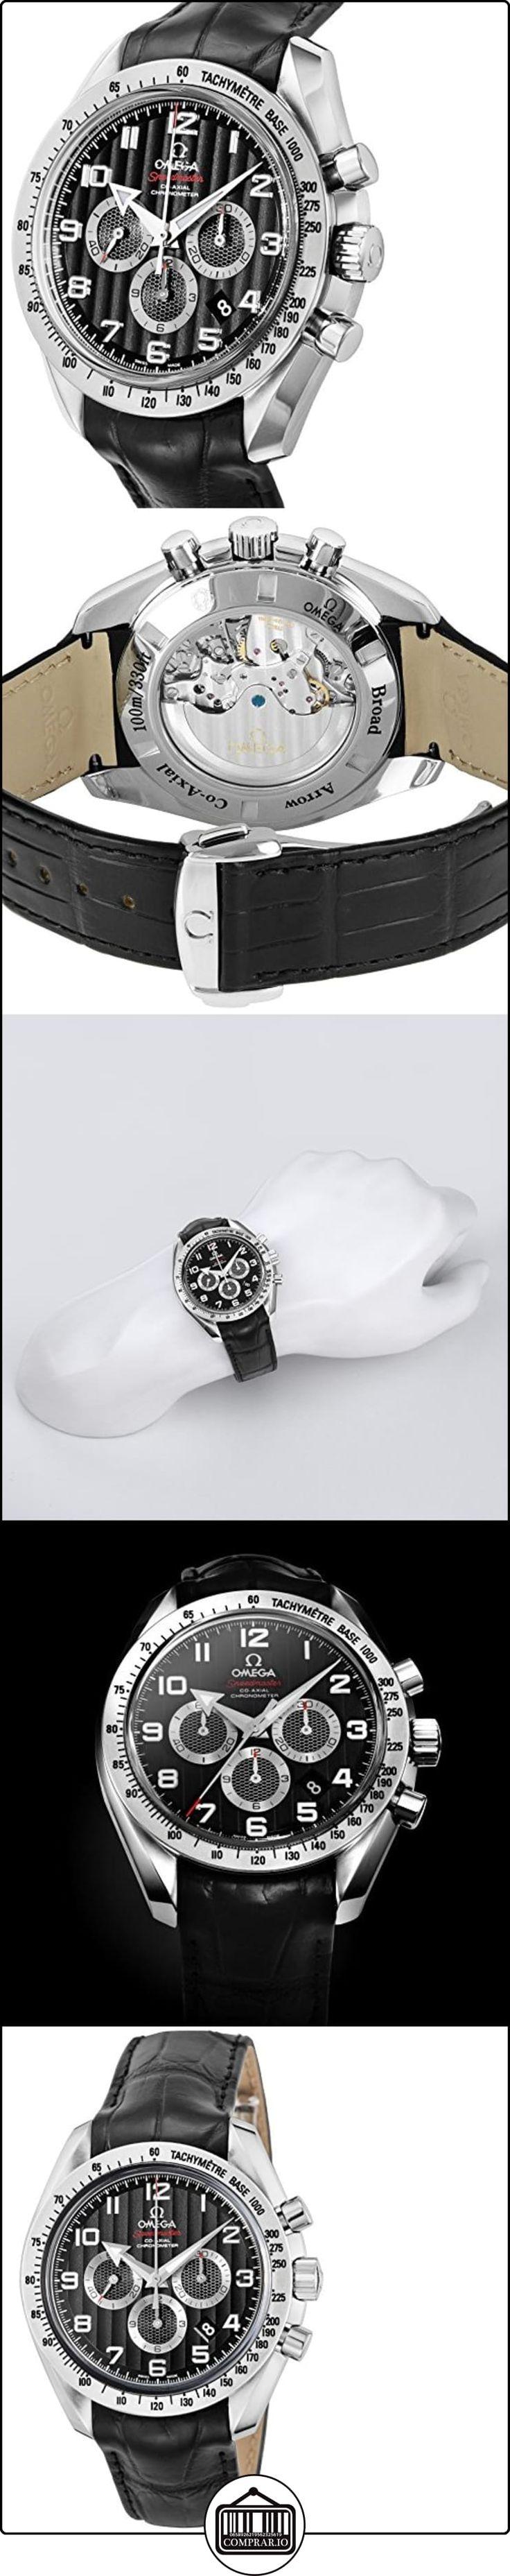 Omega Speedmaster amplio Flecha Cronógrafo Automático Negro Dial Mens Reloj 321.13.44.50.01.001  ✿ Relojes para hombre - (Lujo) ✿